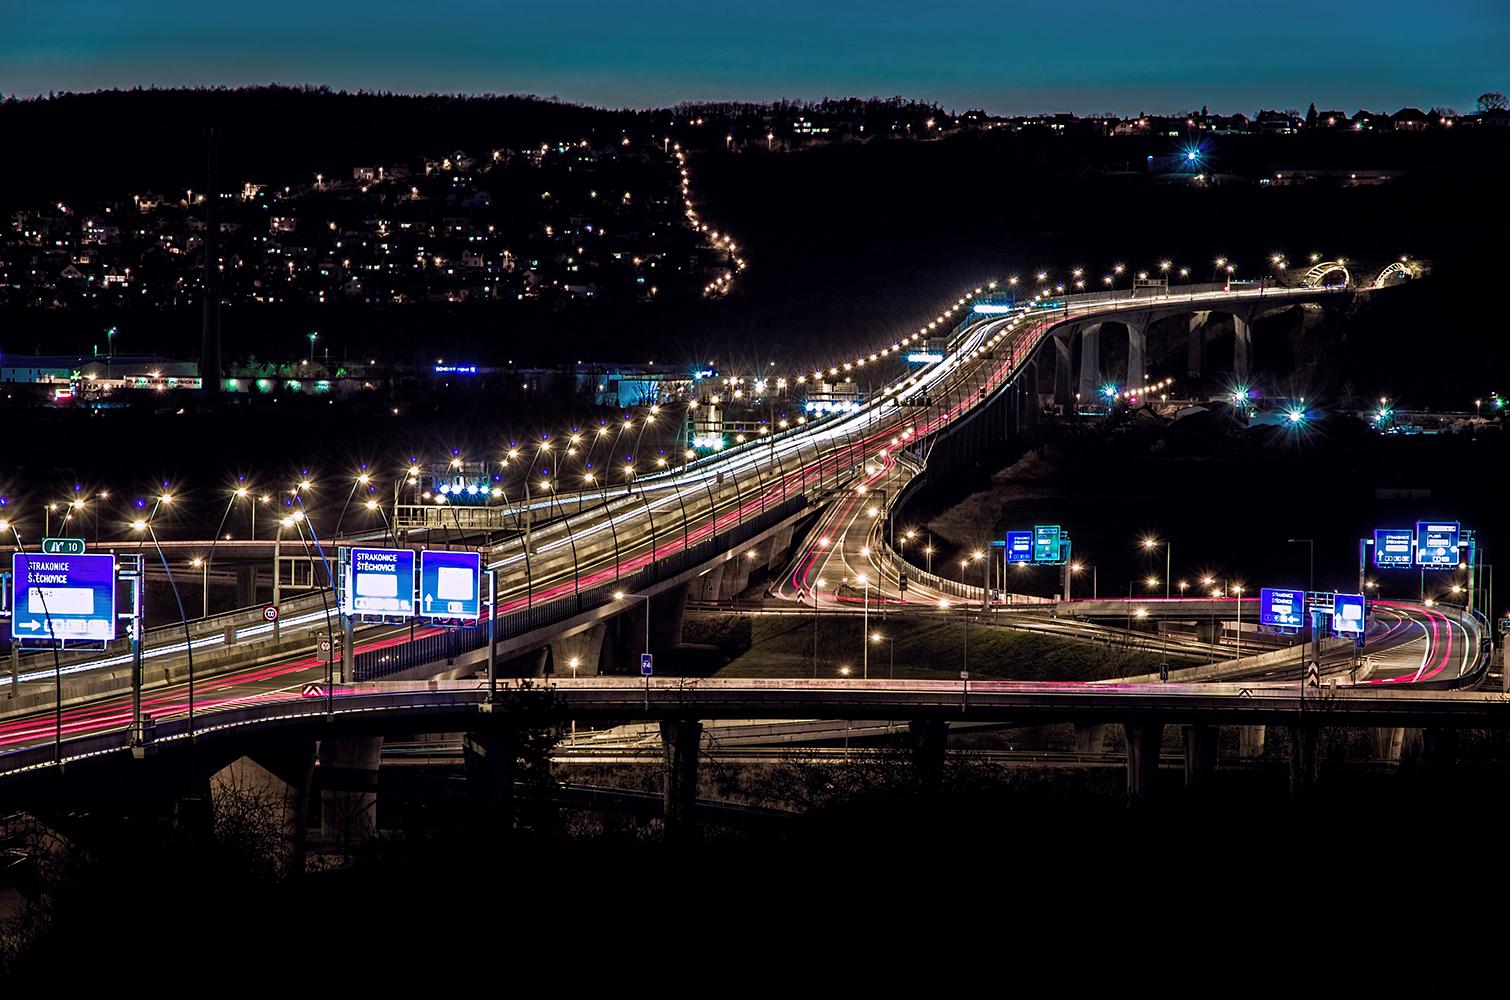 noční fotka Radotínský most Pražského okruhu od Jan Stojan Photography ©